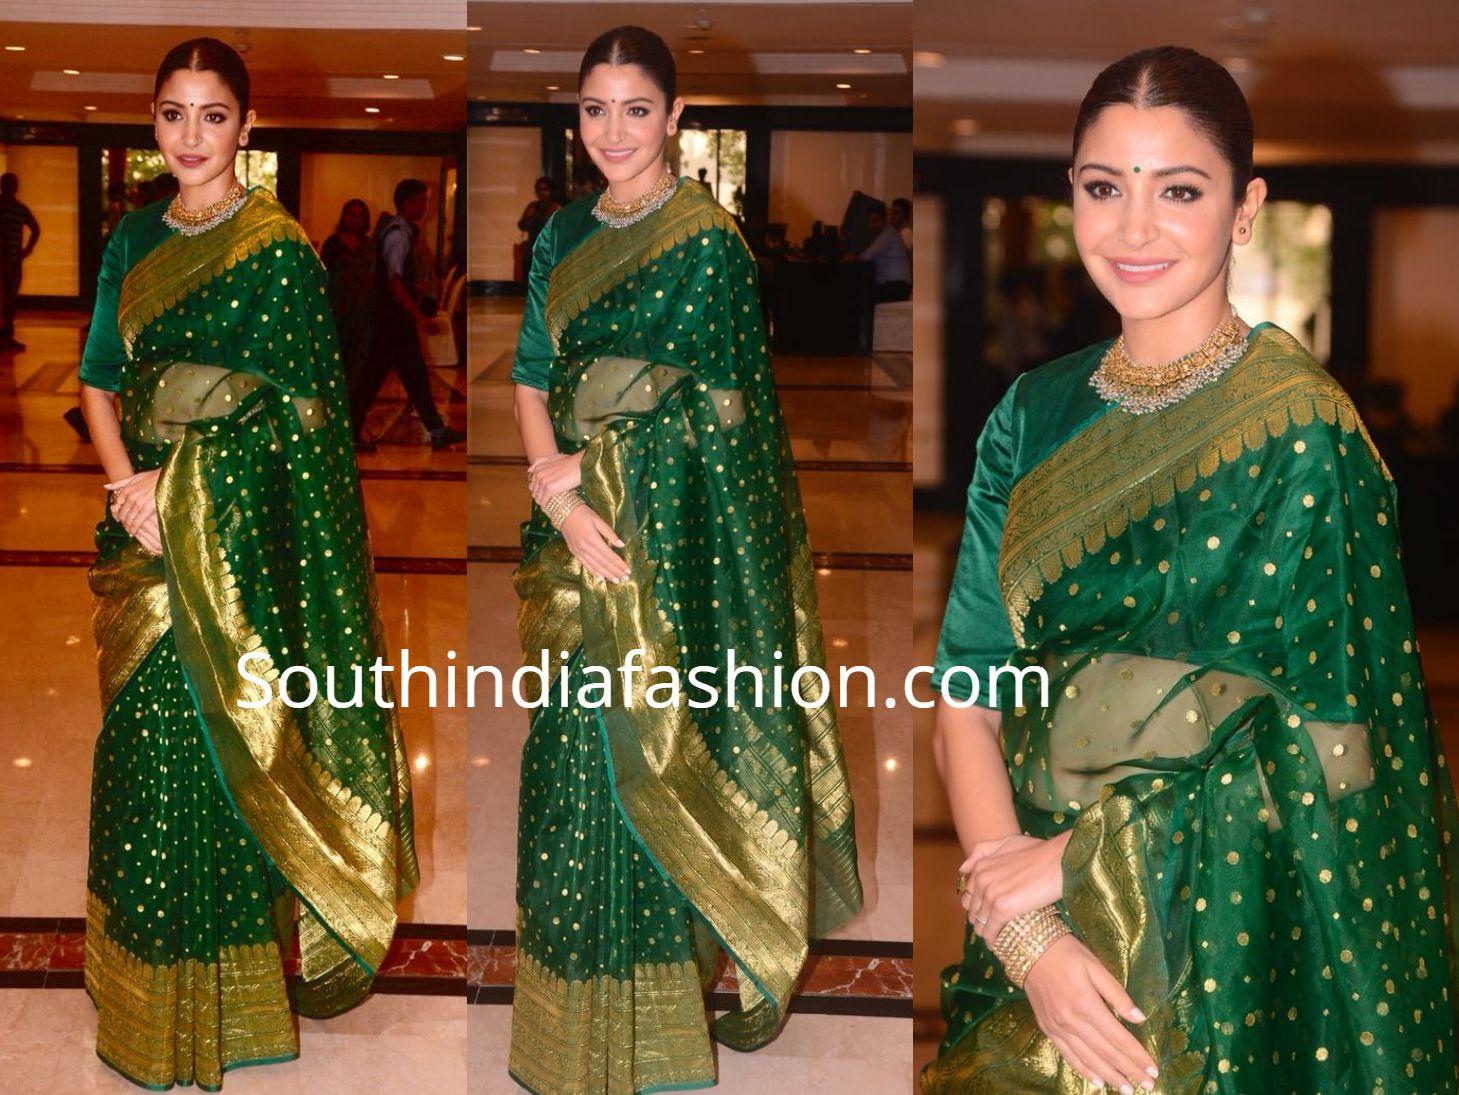 4408395ab Anushka Sharma in a green saree at Priyadarshini Academy Global Awards –  South India Fashion https